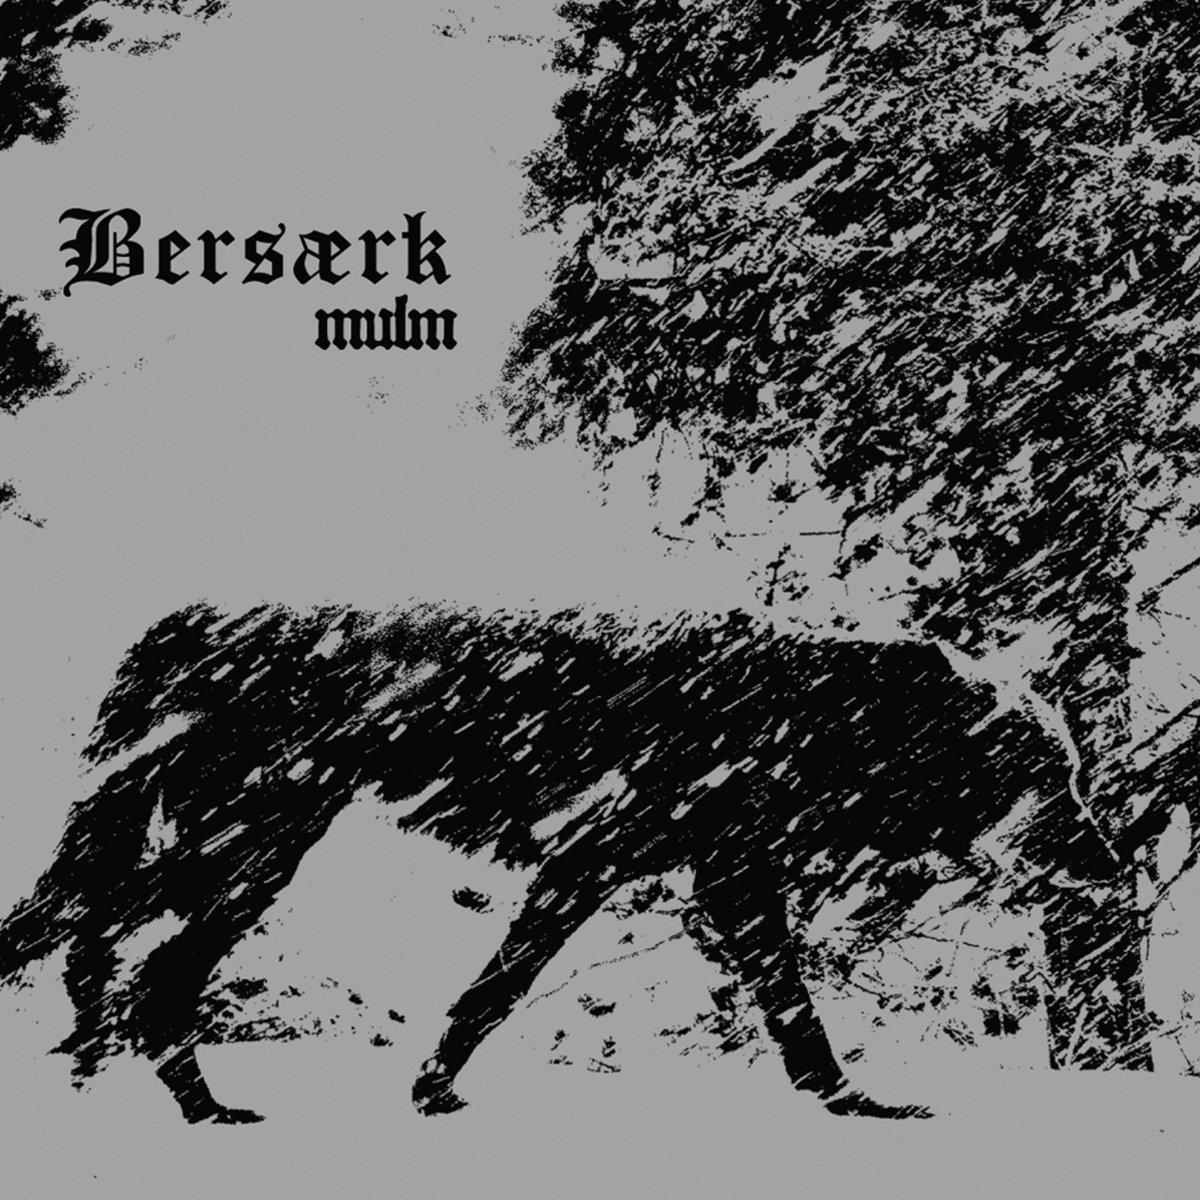 Mulm - Bersærk - Musik - Harzhæreth Media - 9950993980001 - 1/6-2021